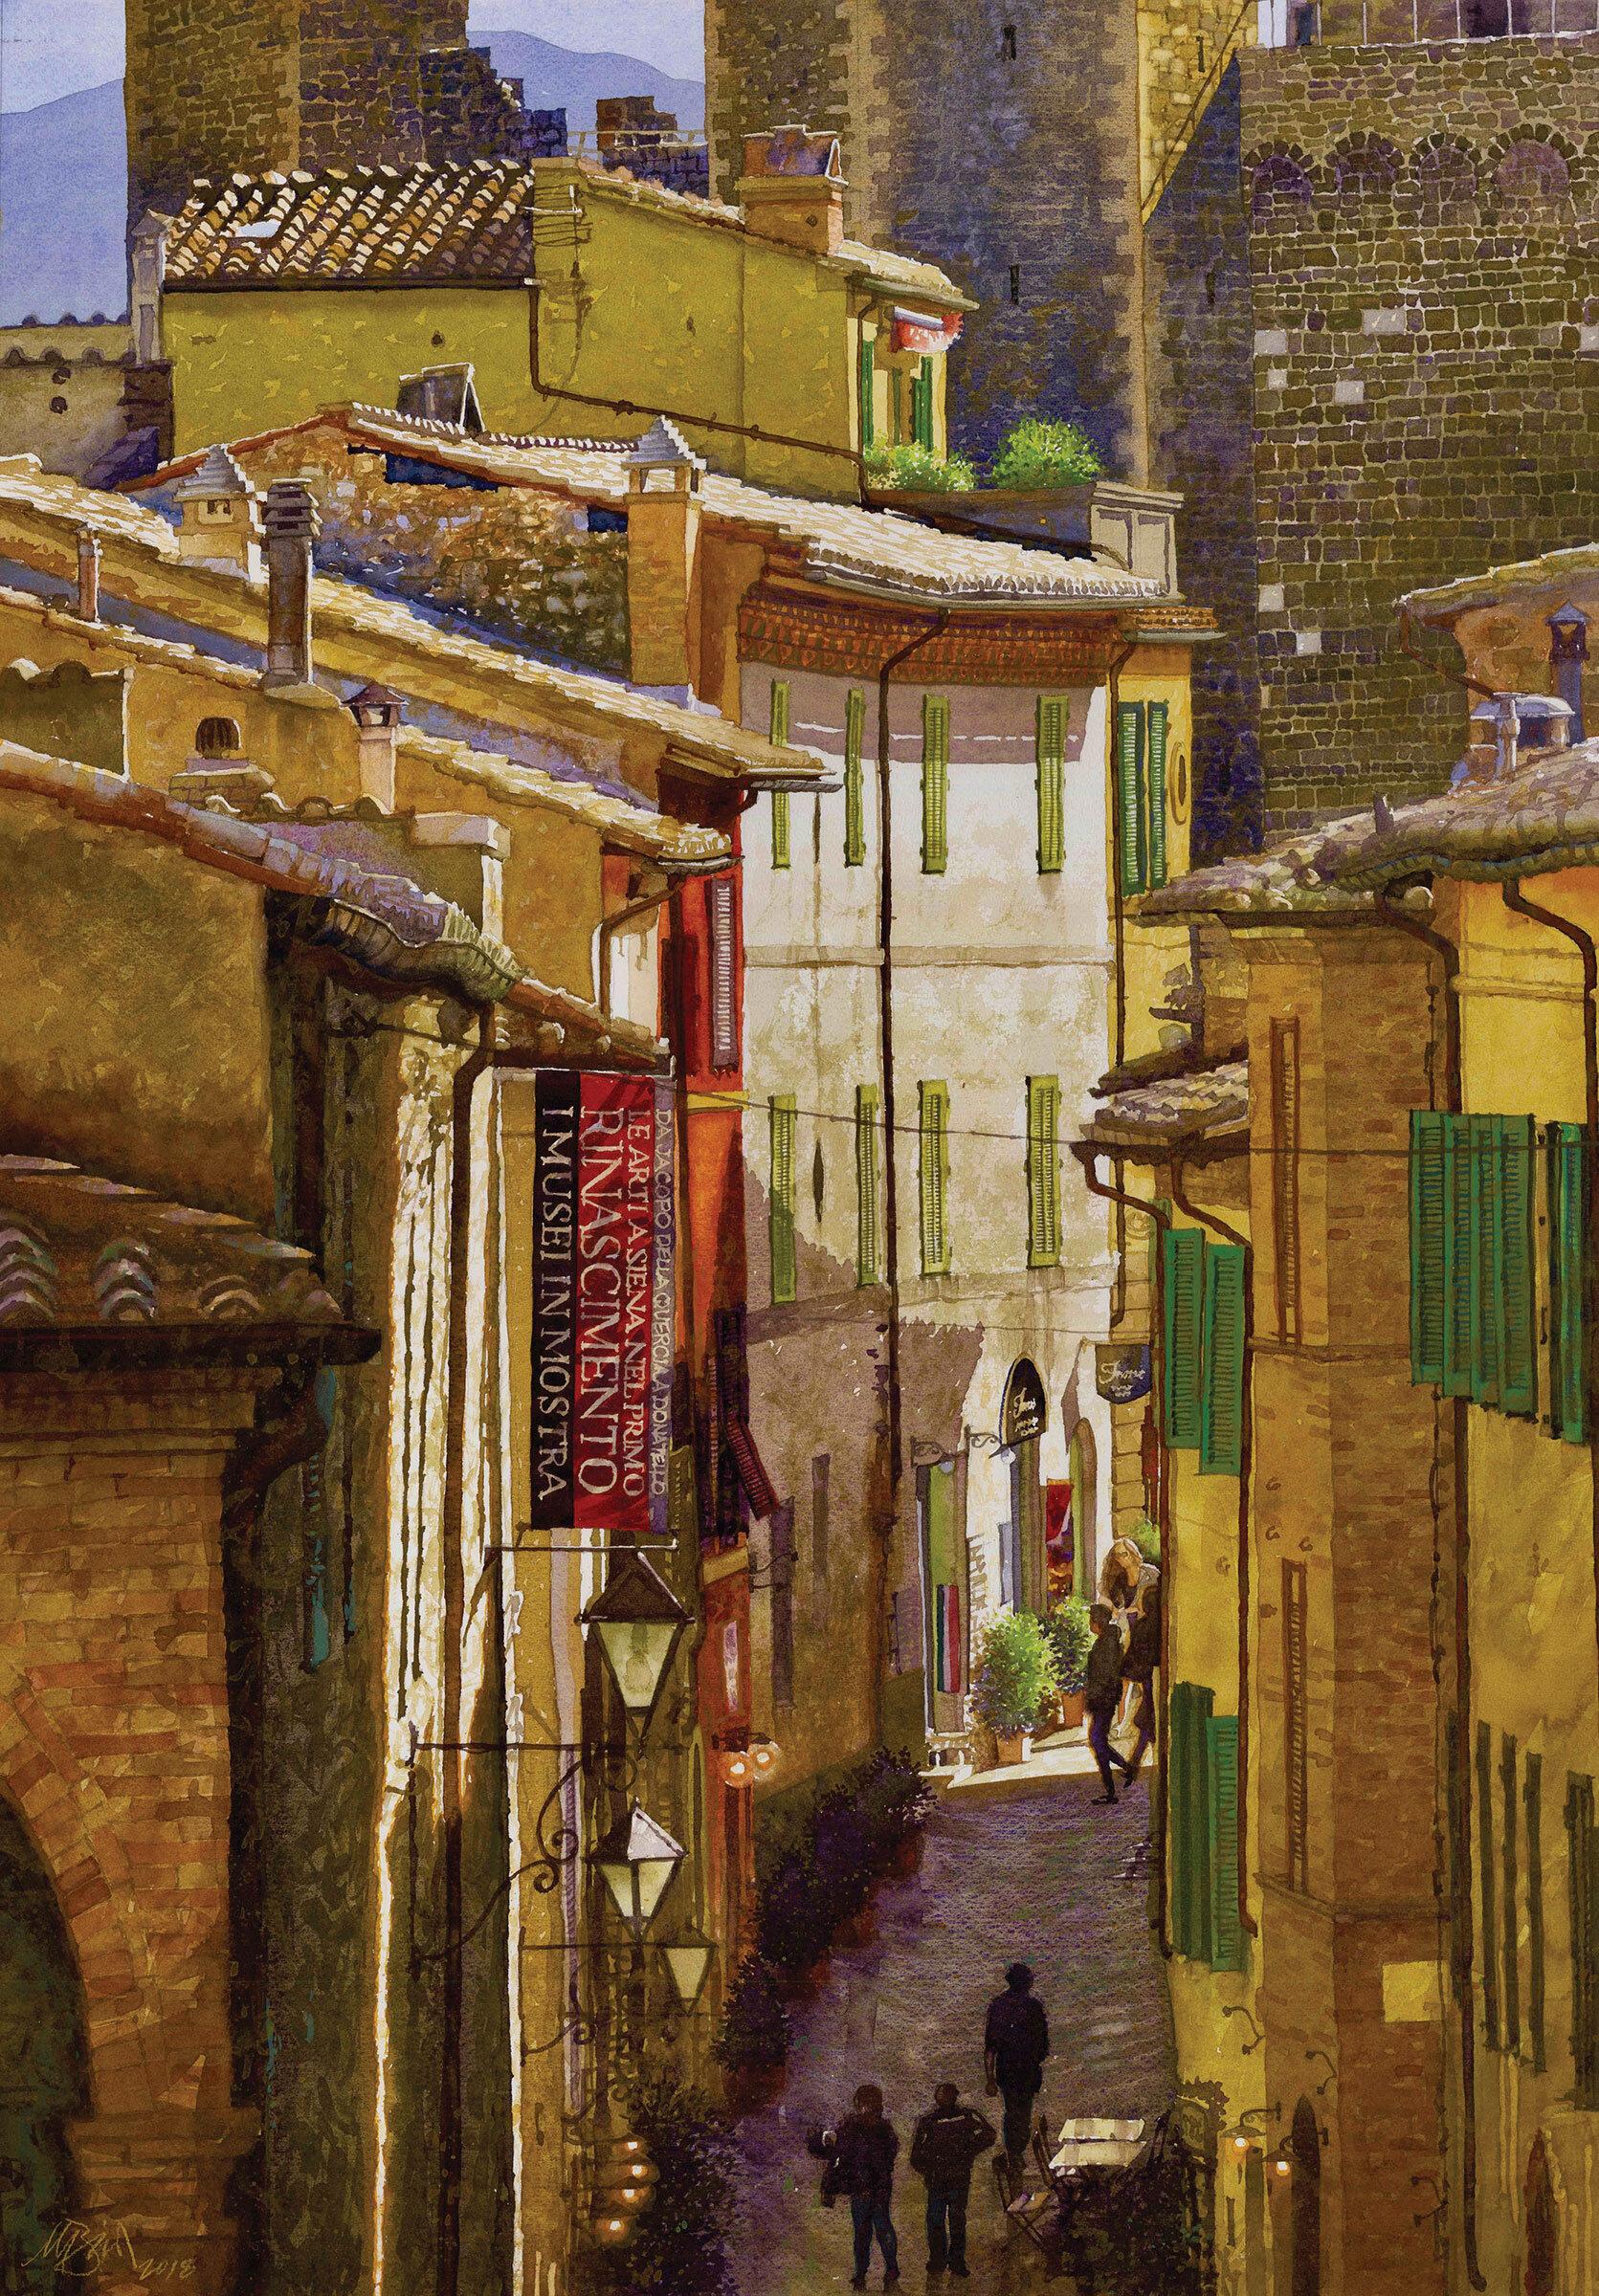 Via Cialdini, Moutalcino, Italy